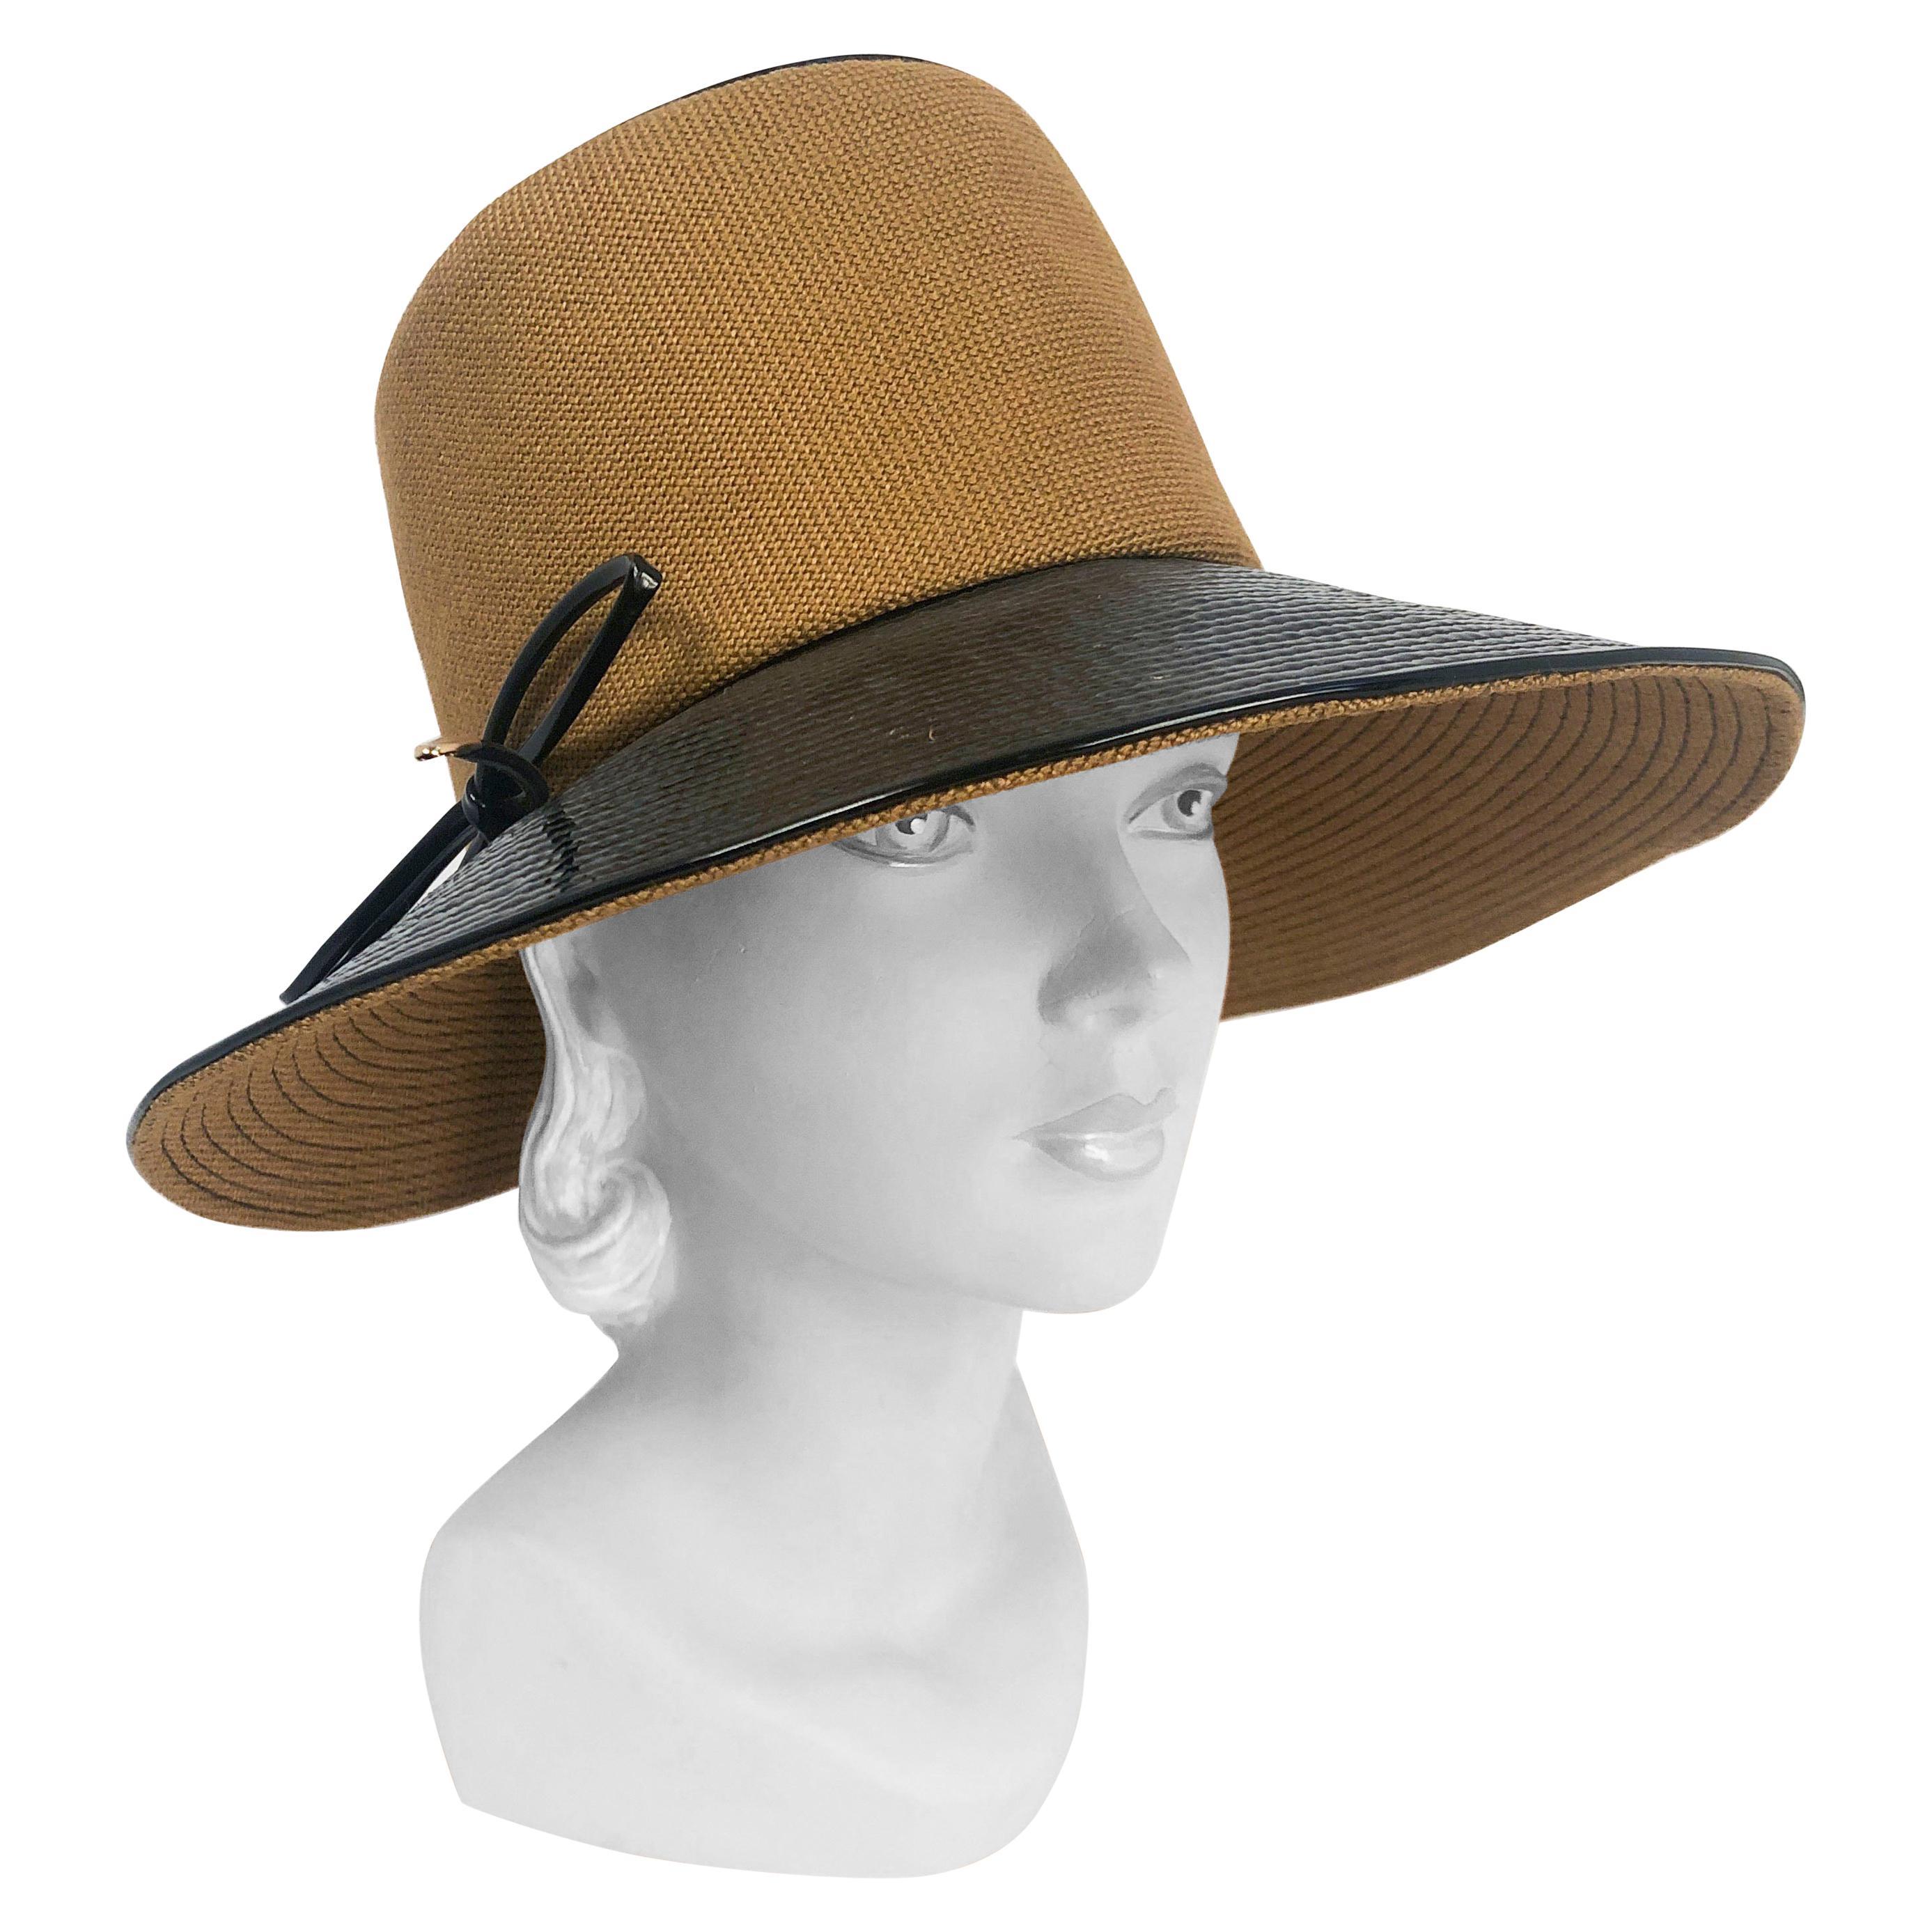 08961c87 Vintage and Designer Hats - 1,157 For Sale at 1stdibs - Page 2